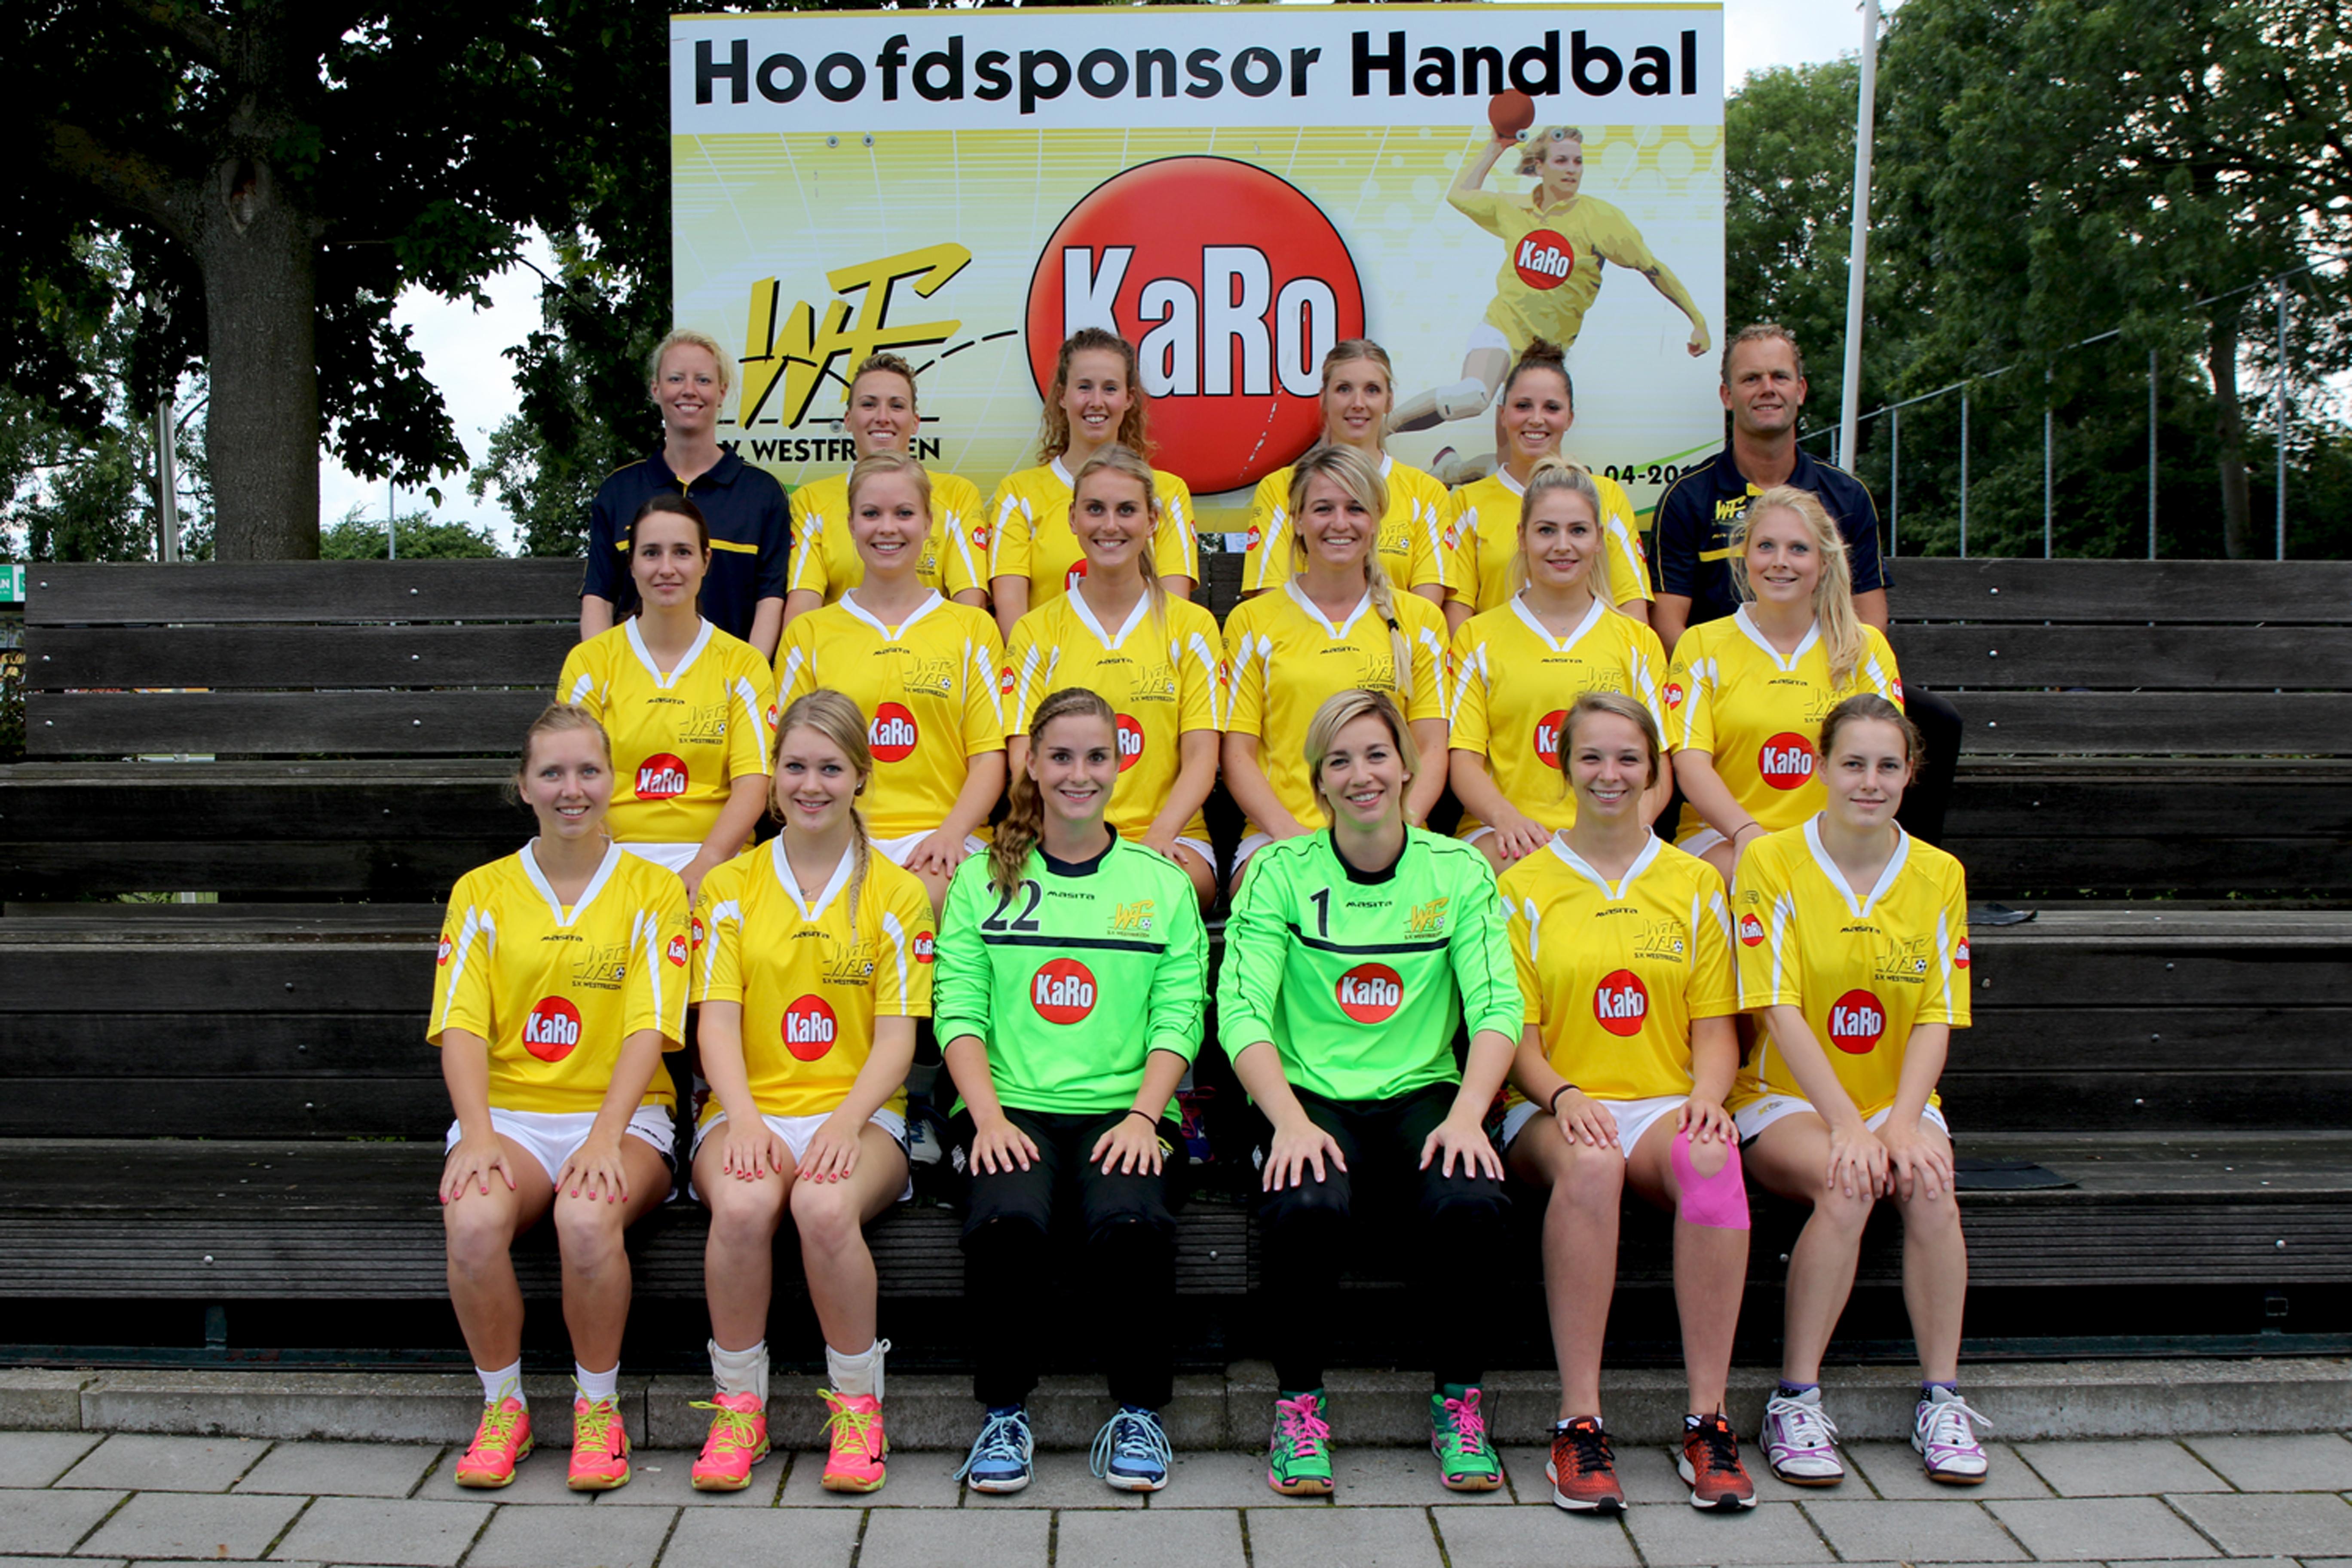 0201-dames-selectie-handbal-westfriezen